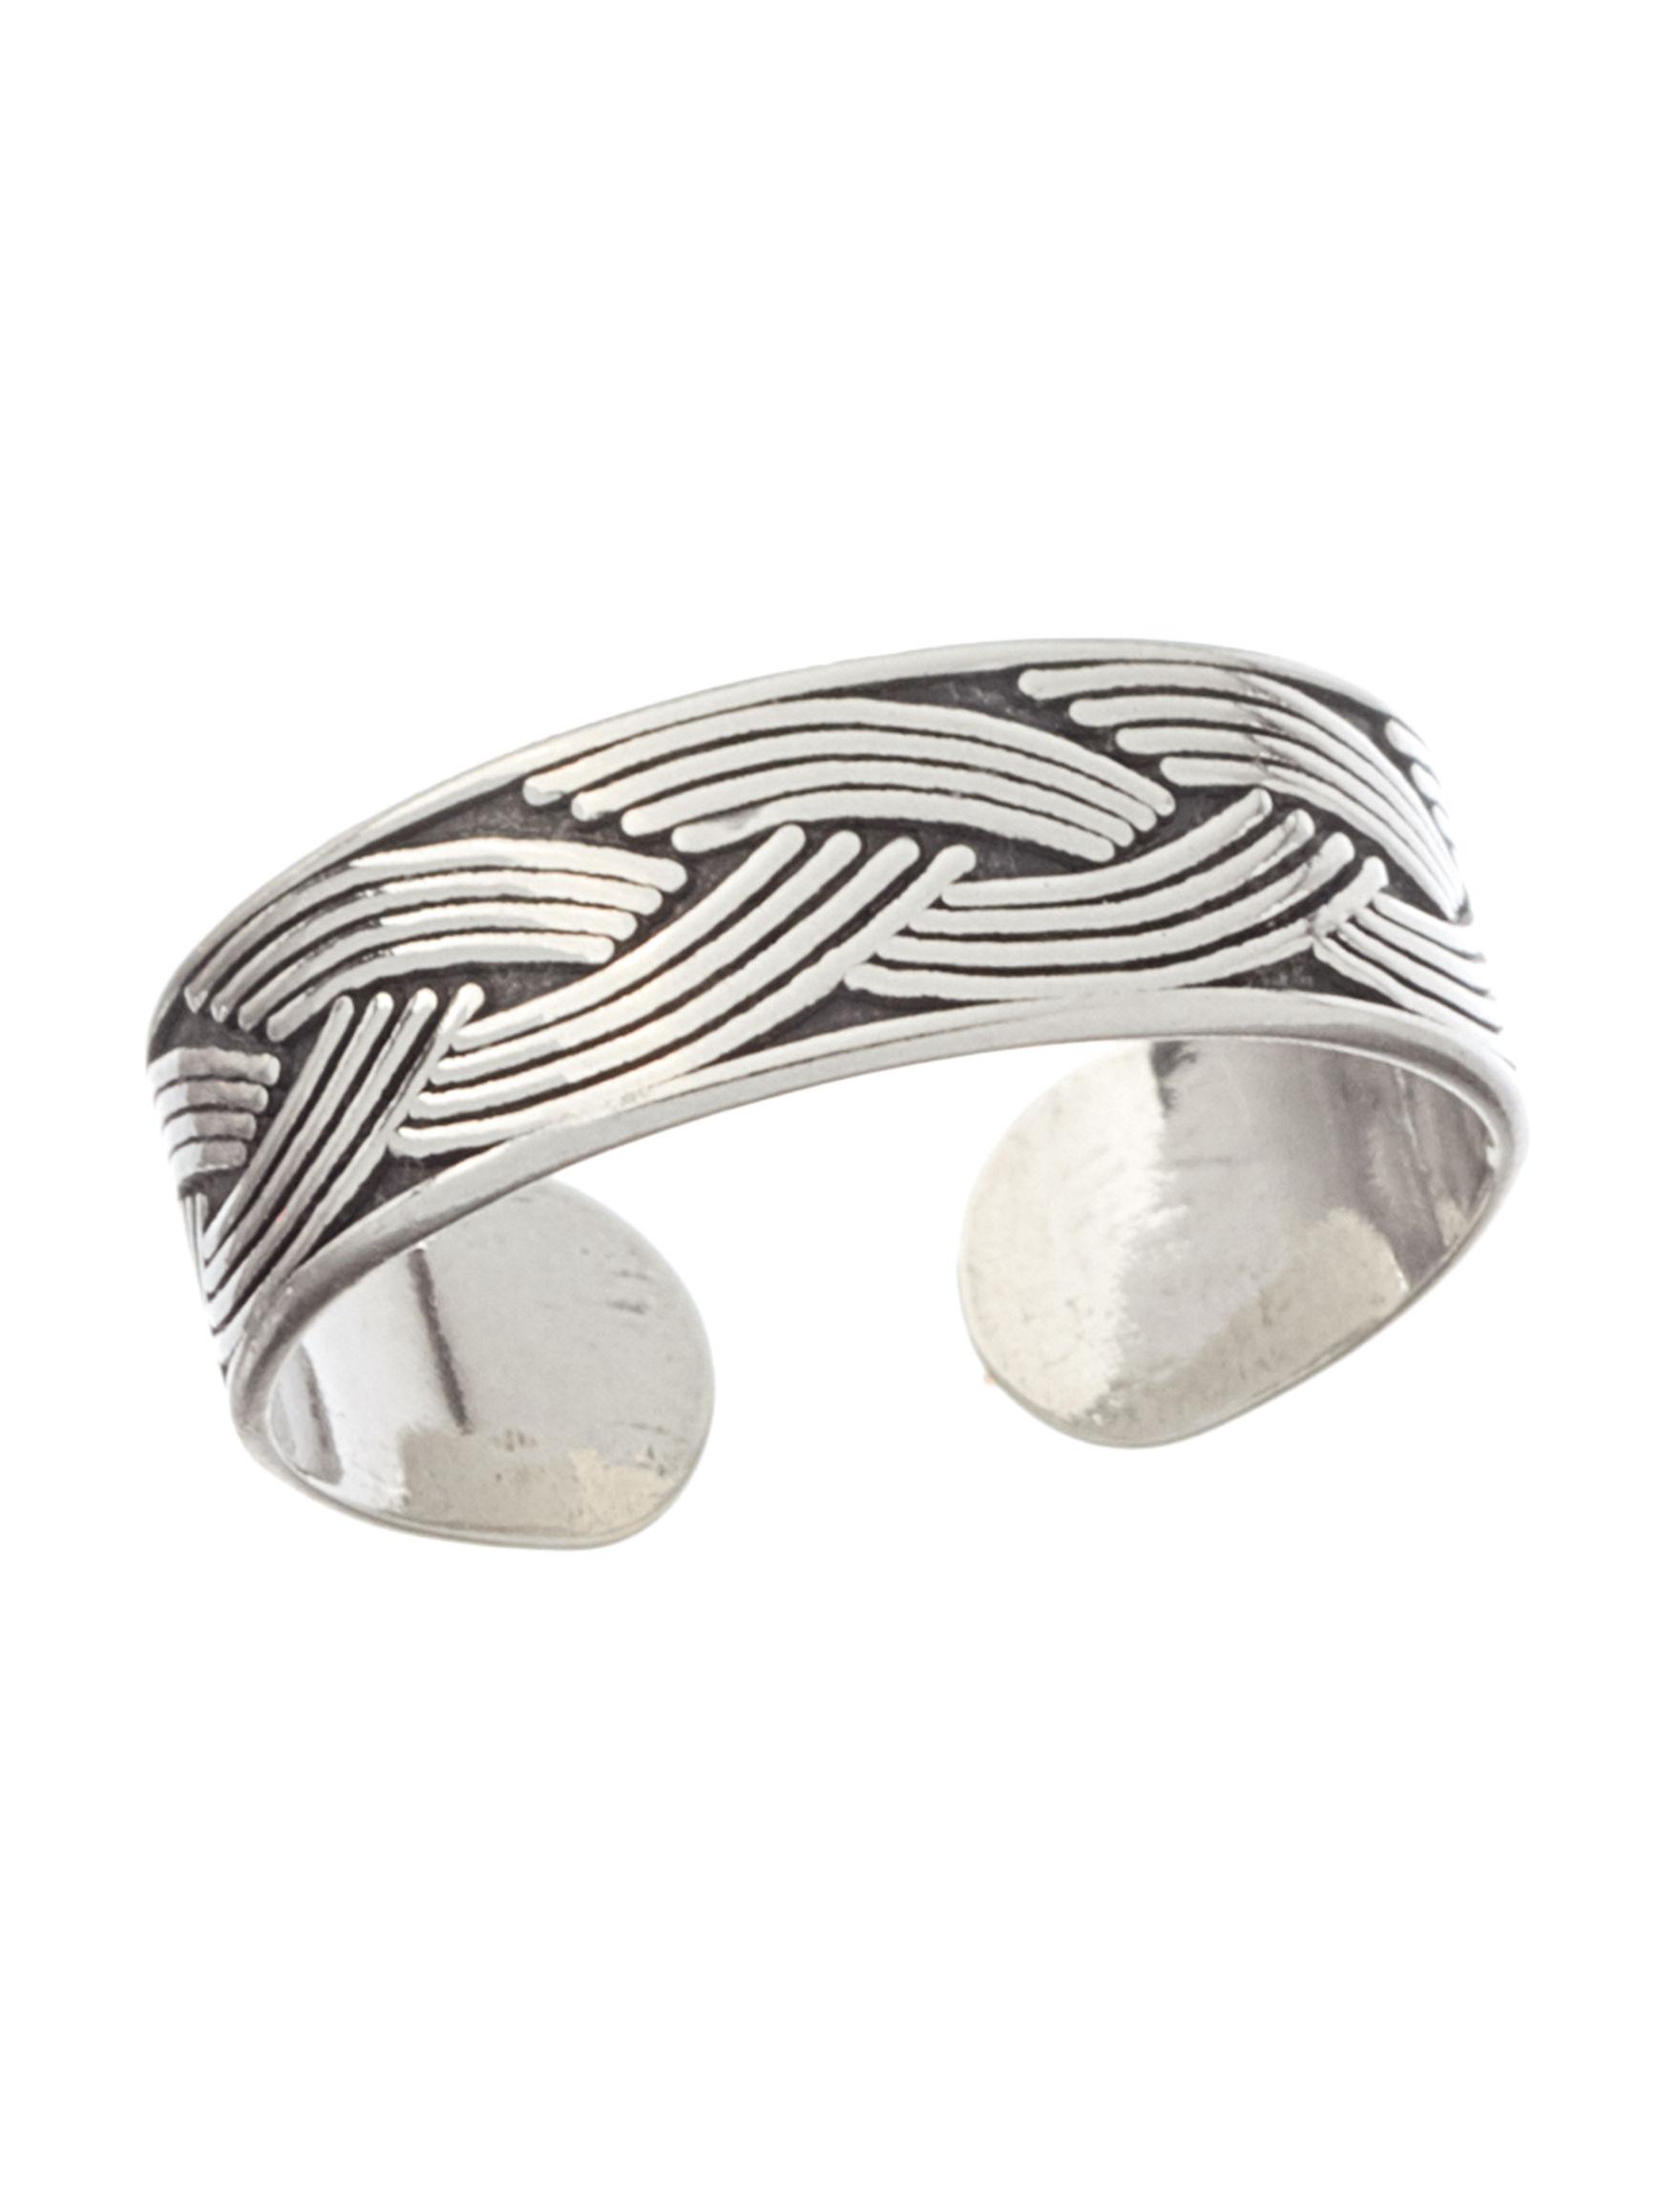 Marsala Silver Toe Rings Fine Jewelry